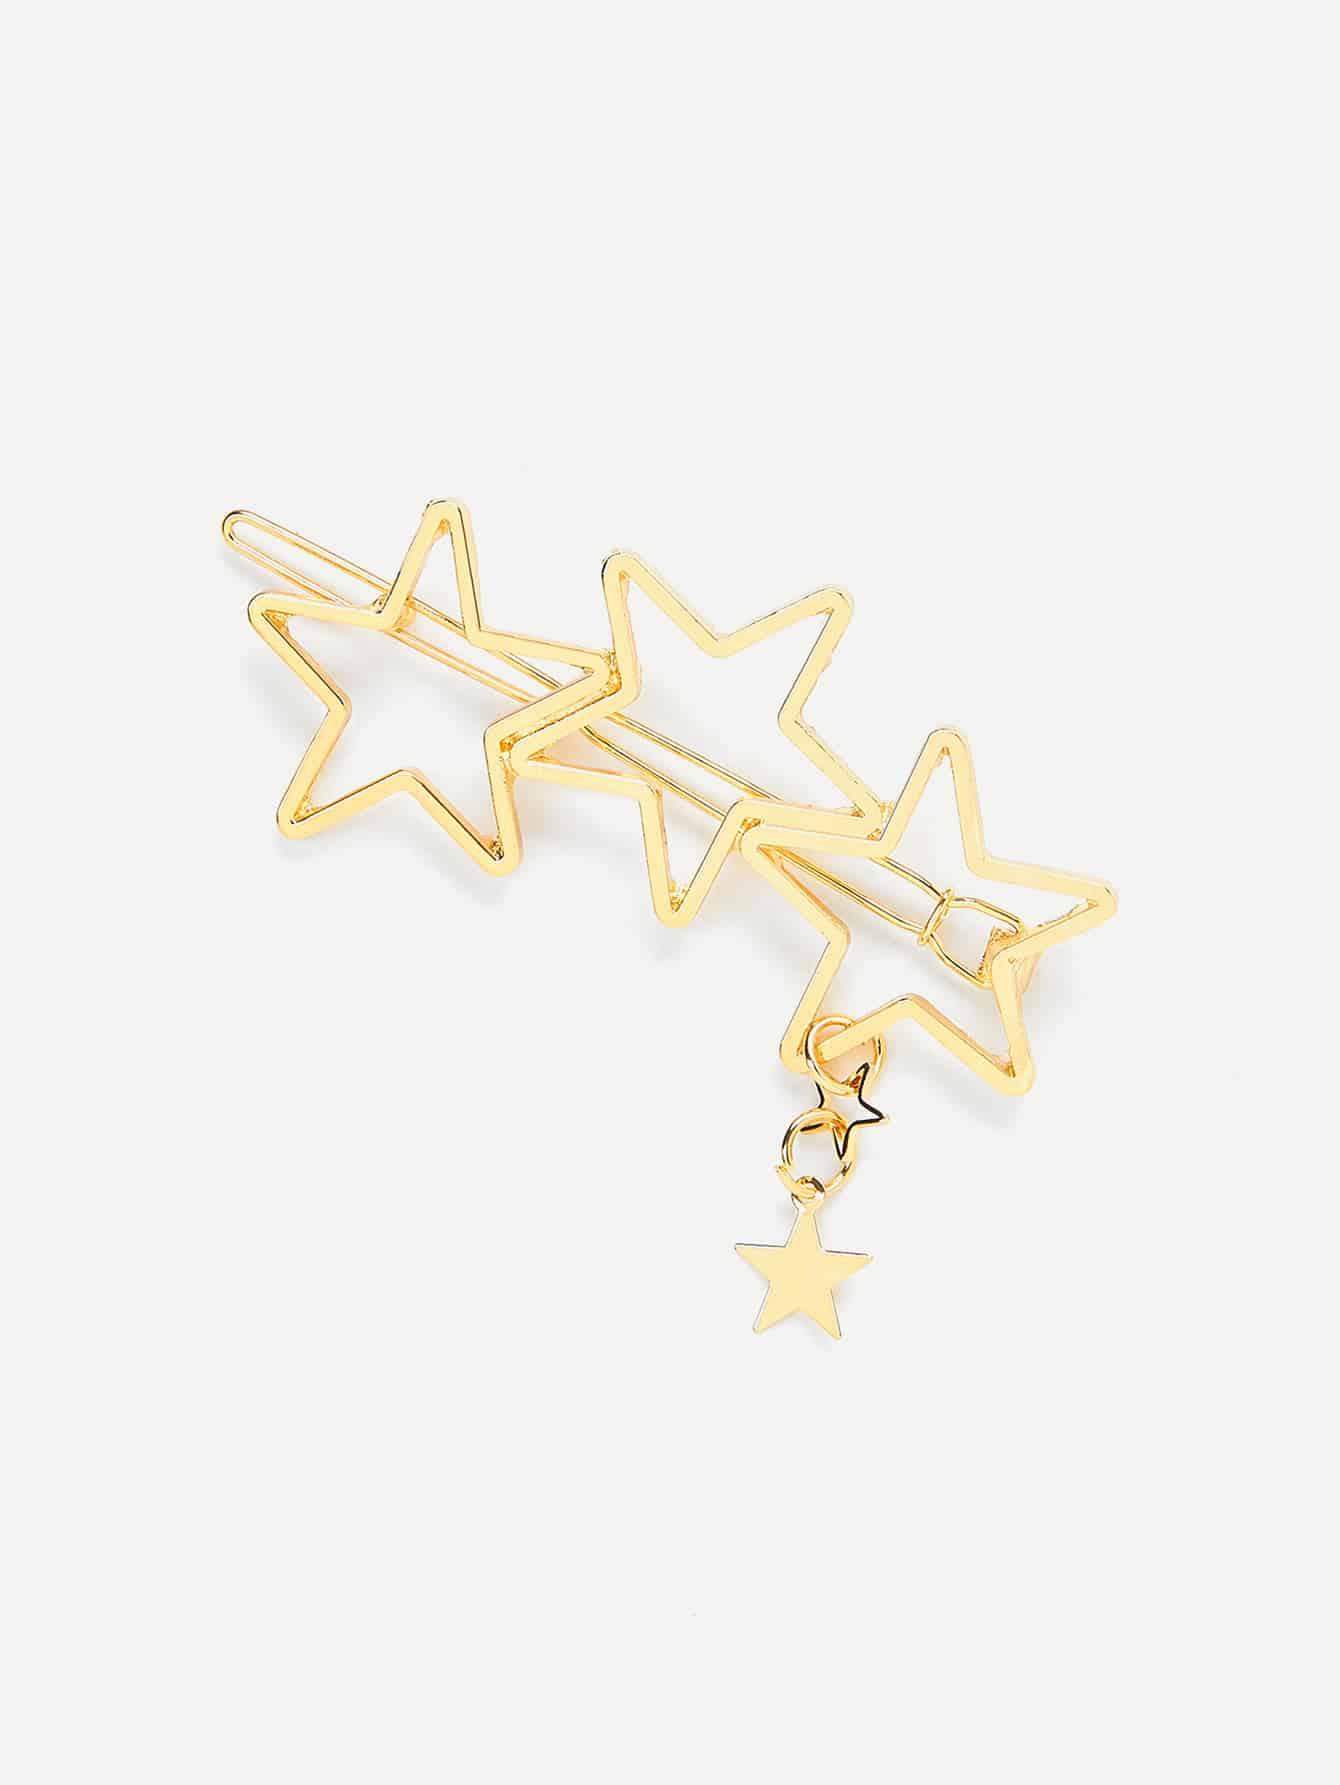 Three Hollow Star Design Hair Clip hollow star